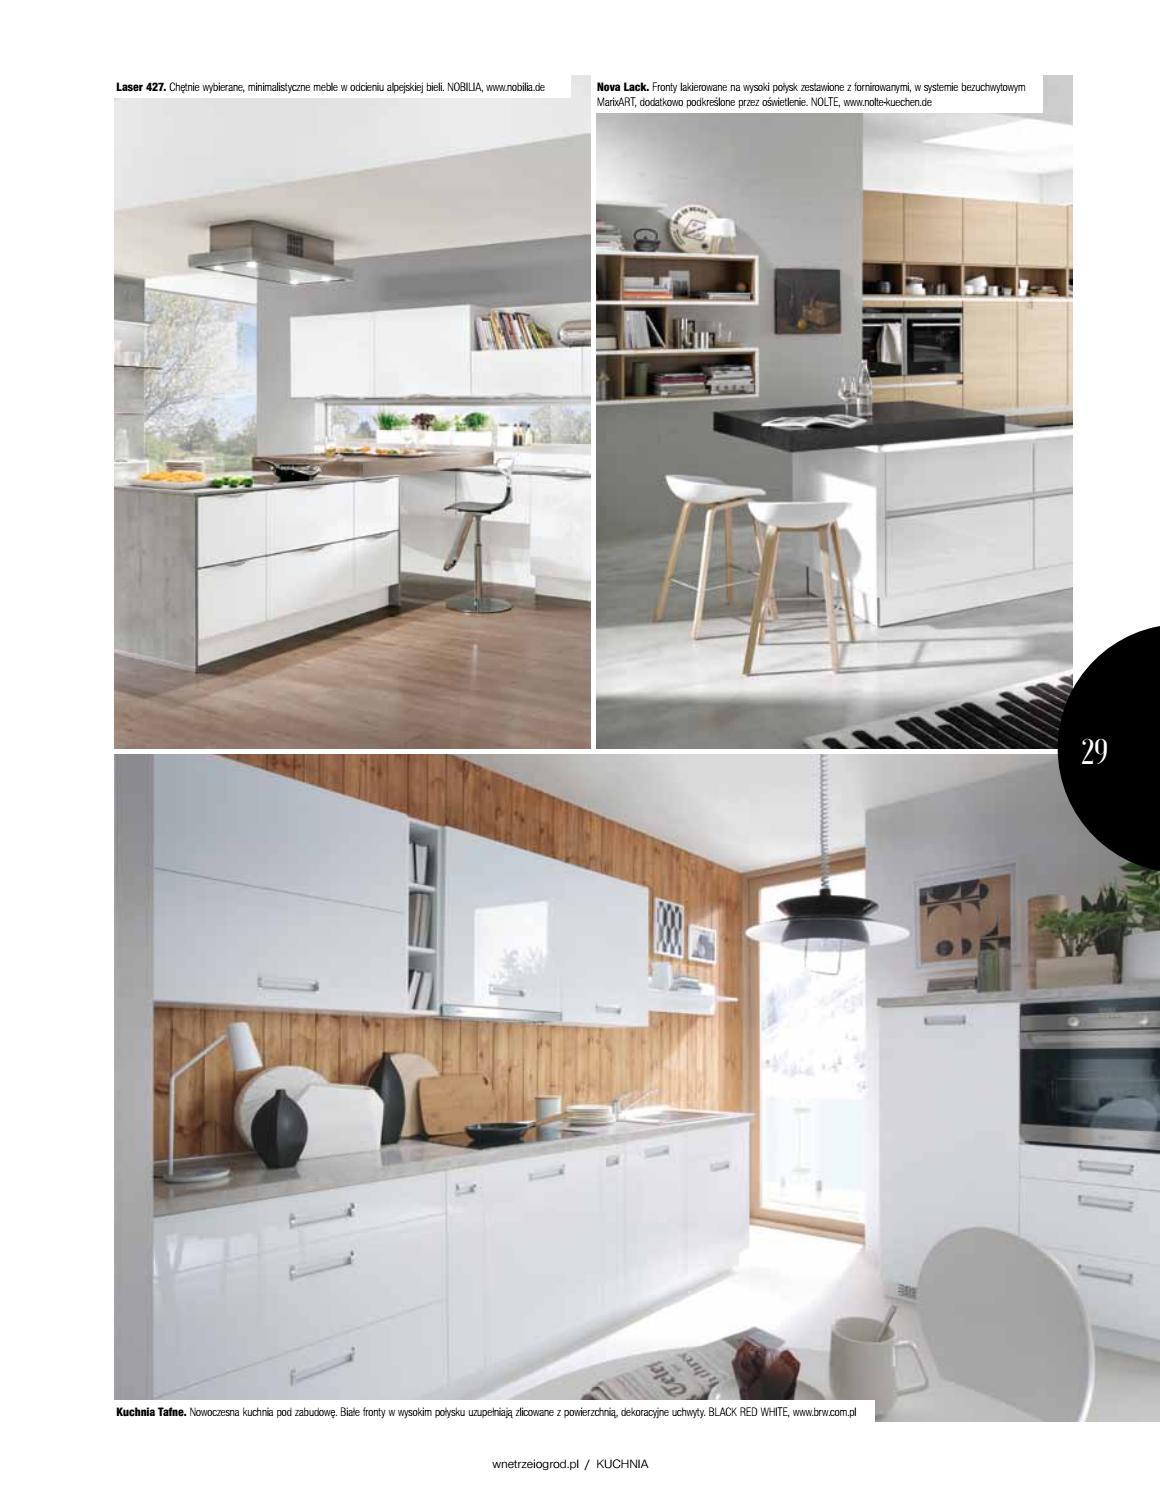 Kuchnie I łazienki 14 By Dobry Dom Issuu